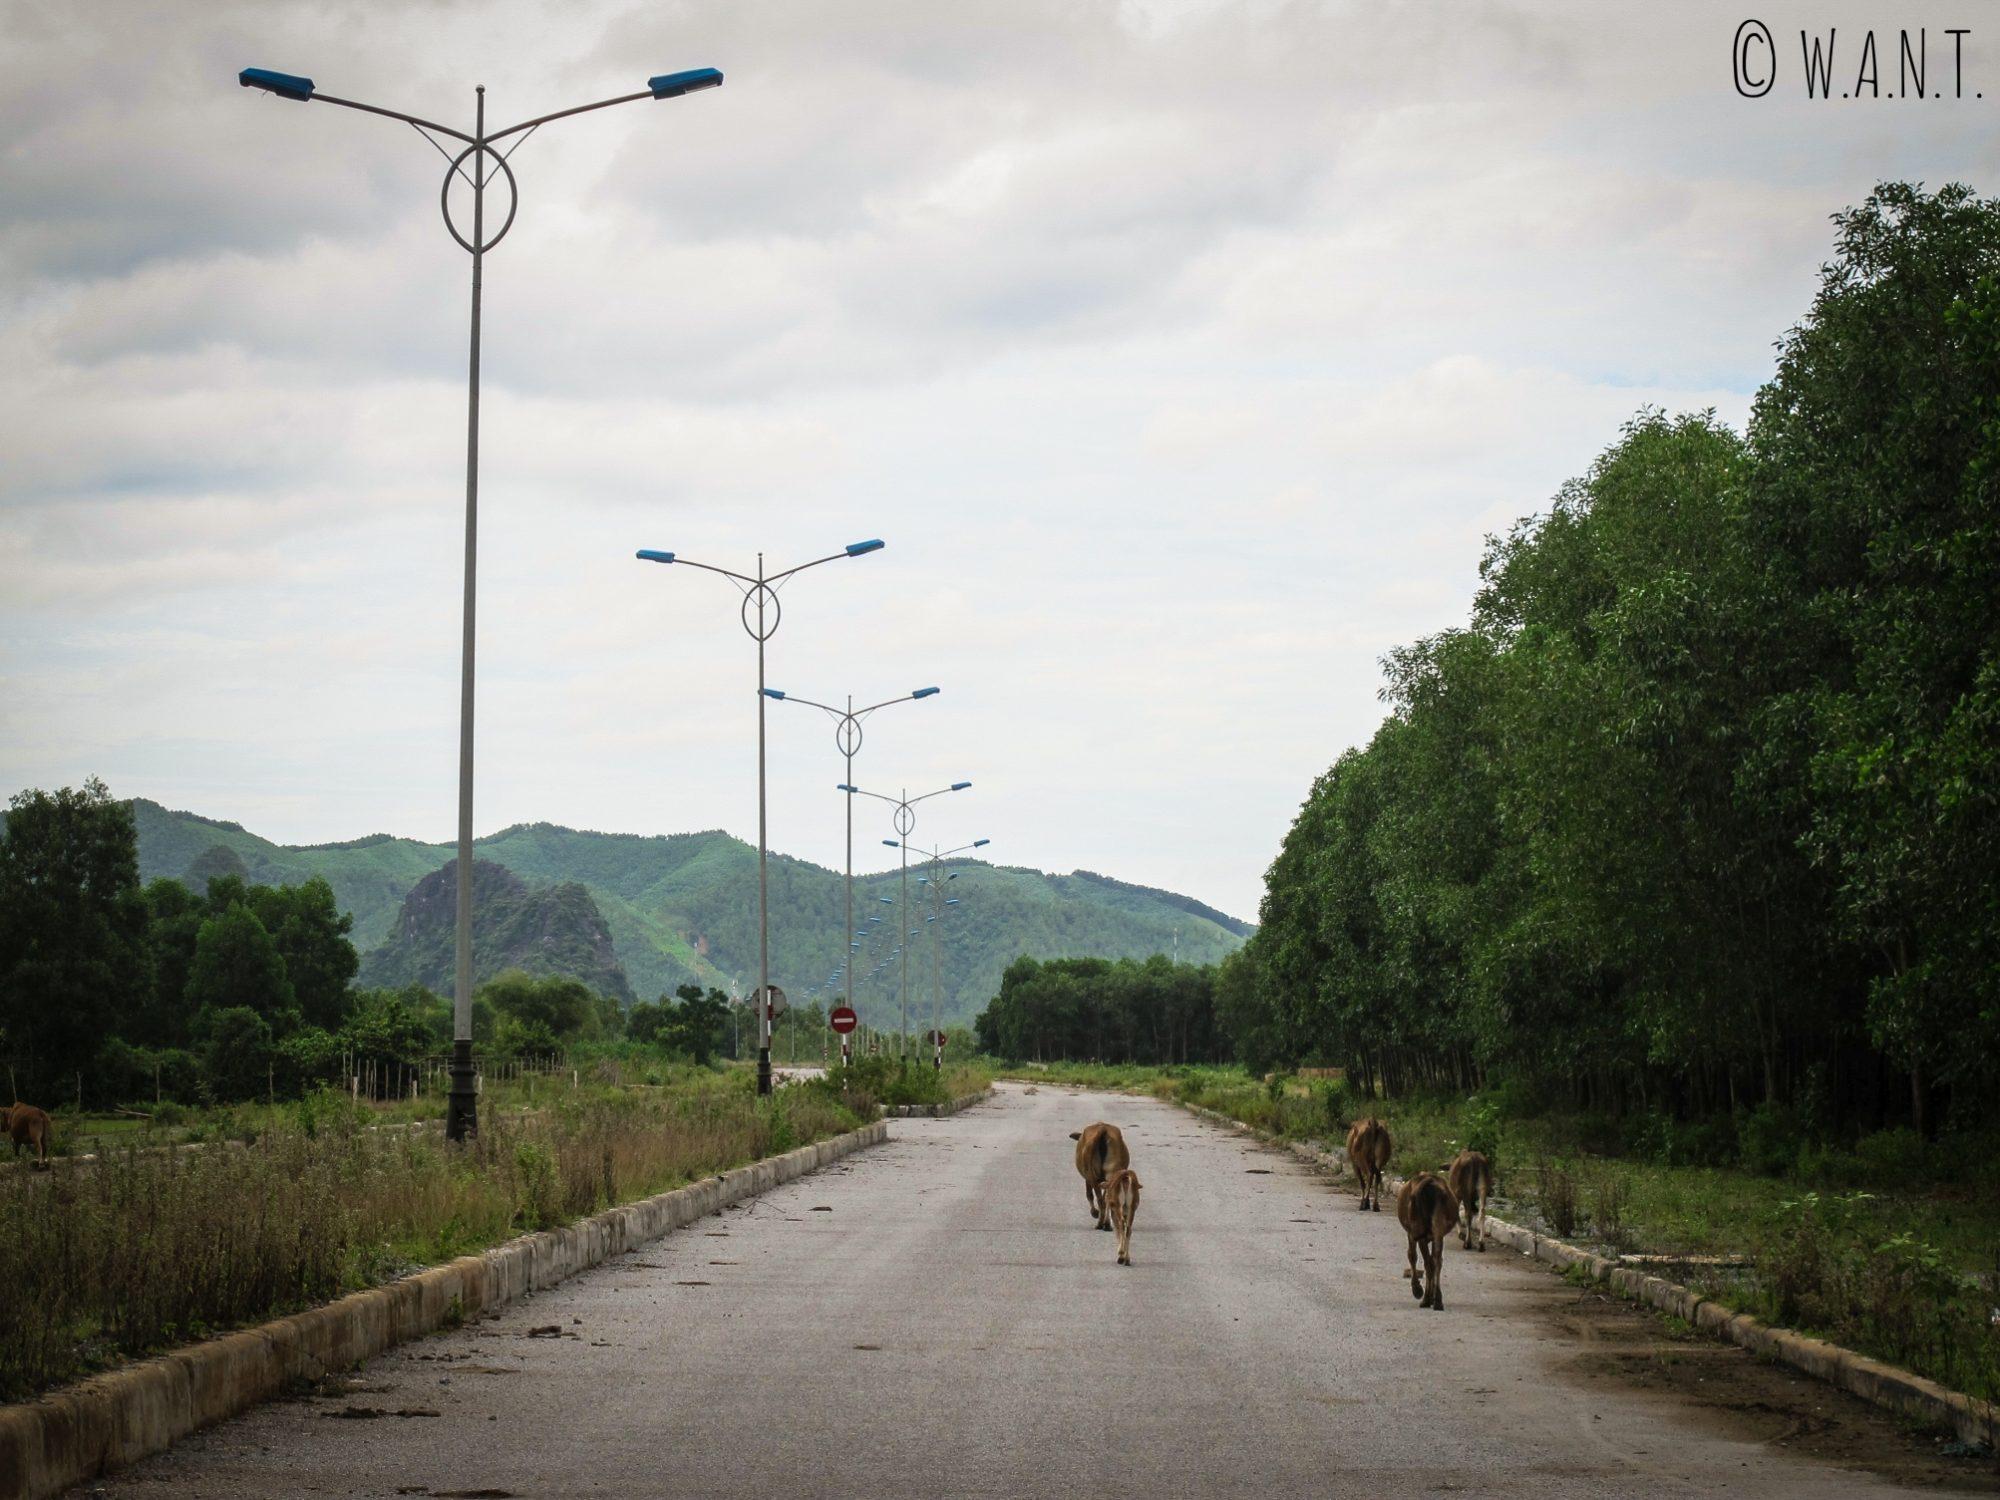 Le Highway 20 à Son Trach n'est fréquenté que par les vaches